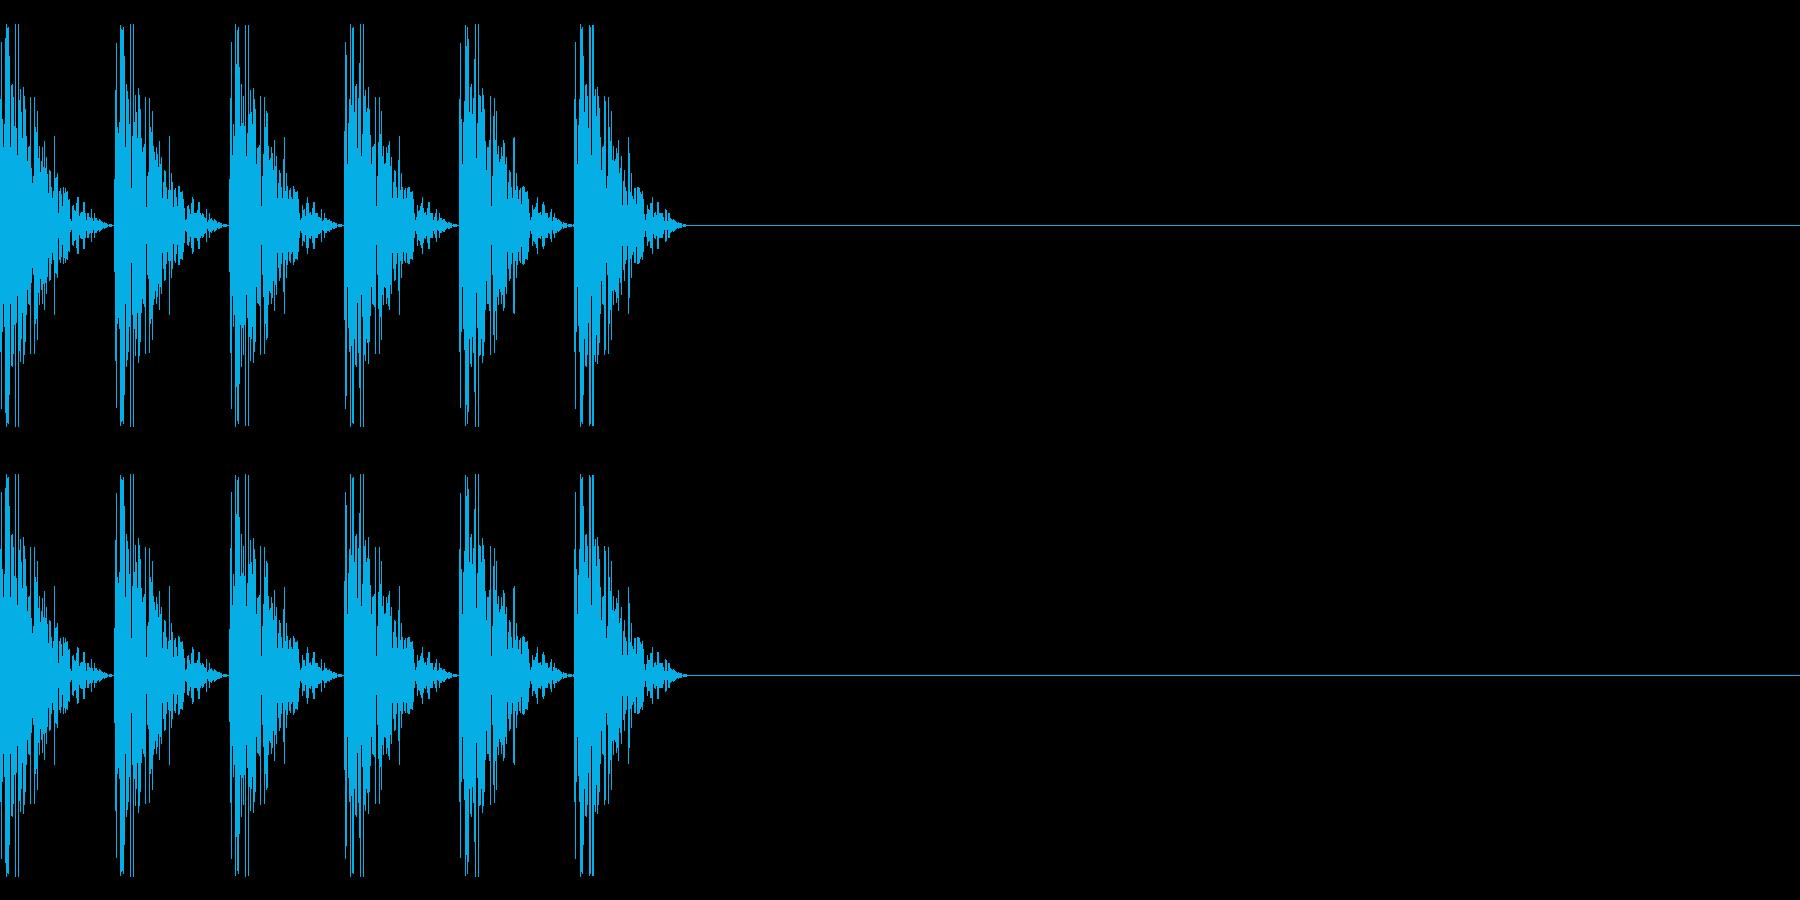 ダダダダッ!マシンガンの発砲音の再生済みの波形